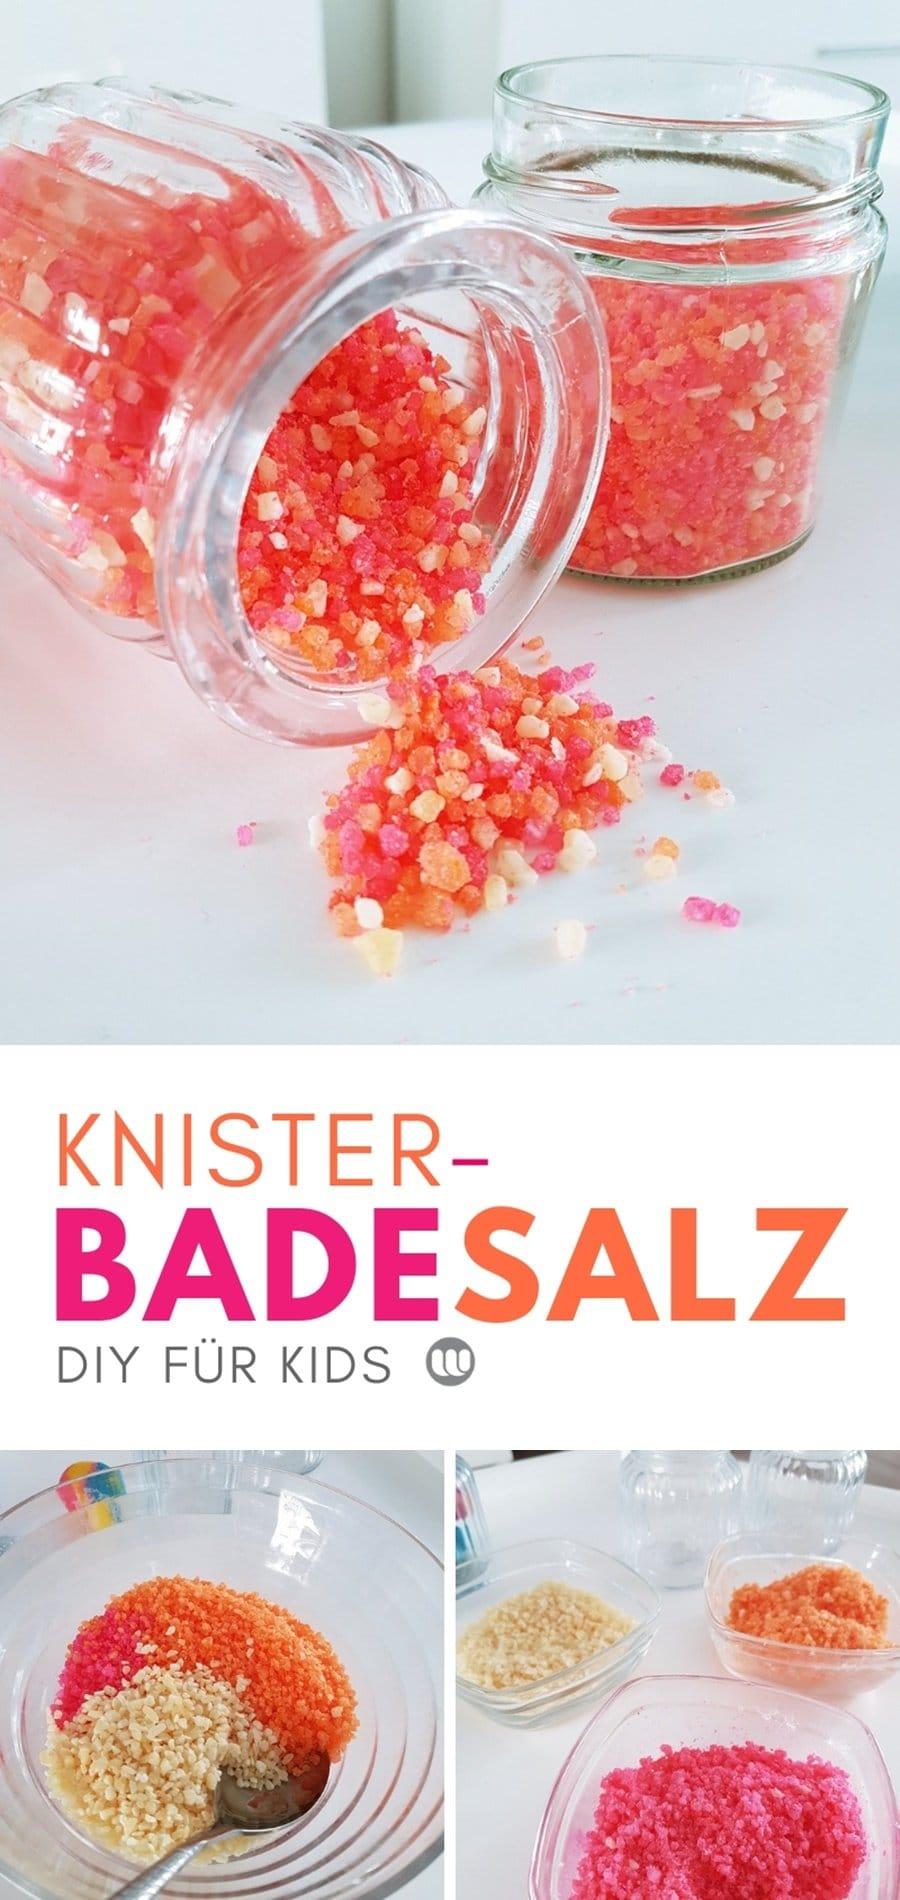 DIY Kinder Badesalz Rezept: So einfach machst du spannendes knisterndes Badesalz für Kinder